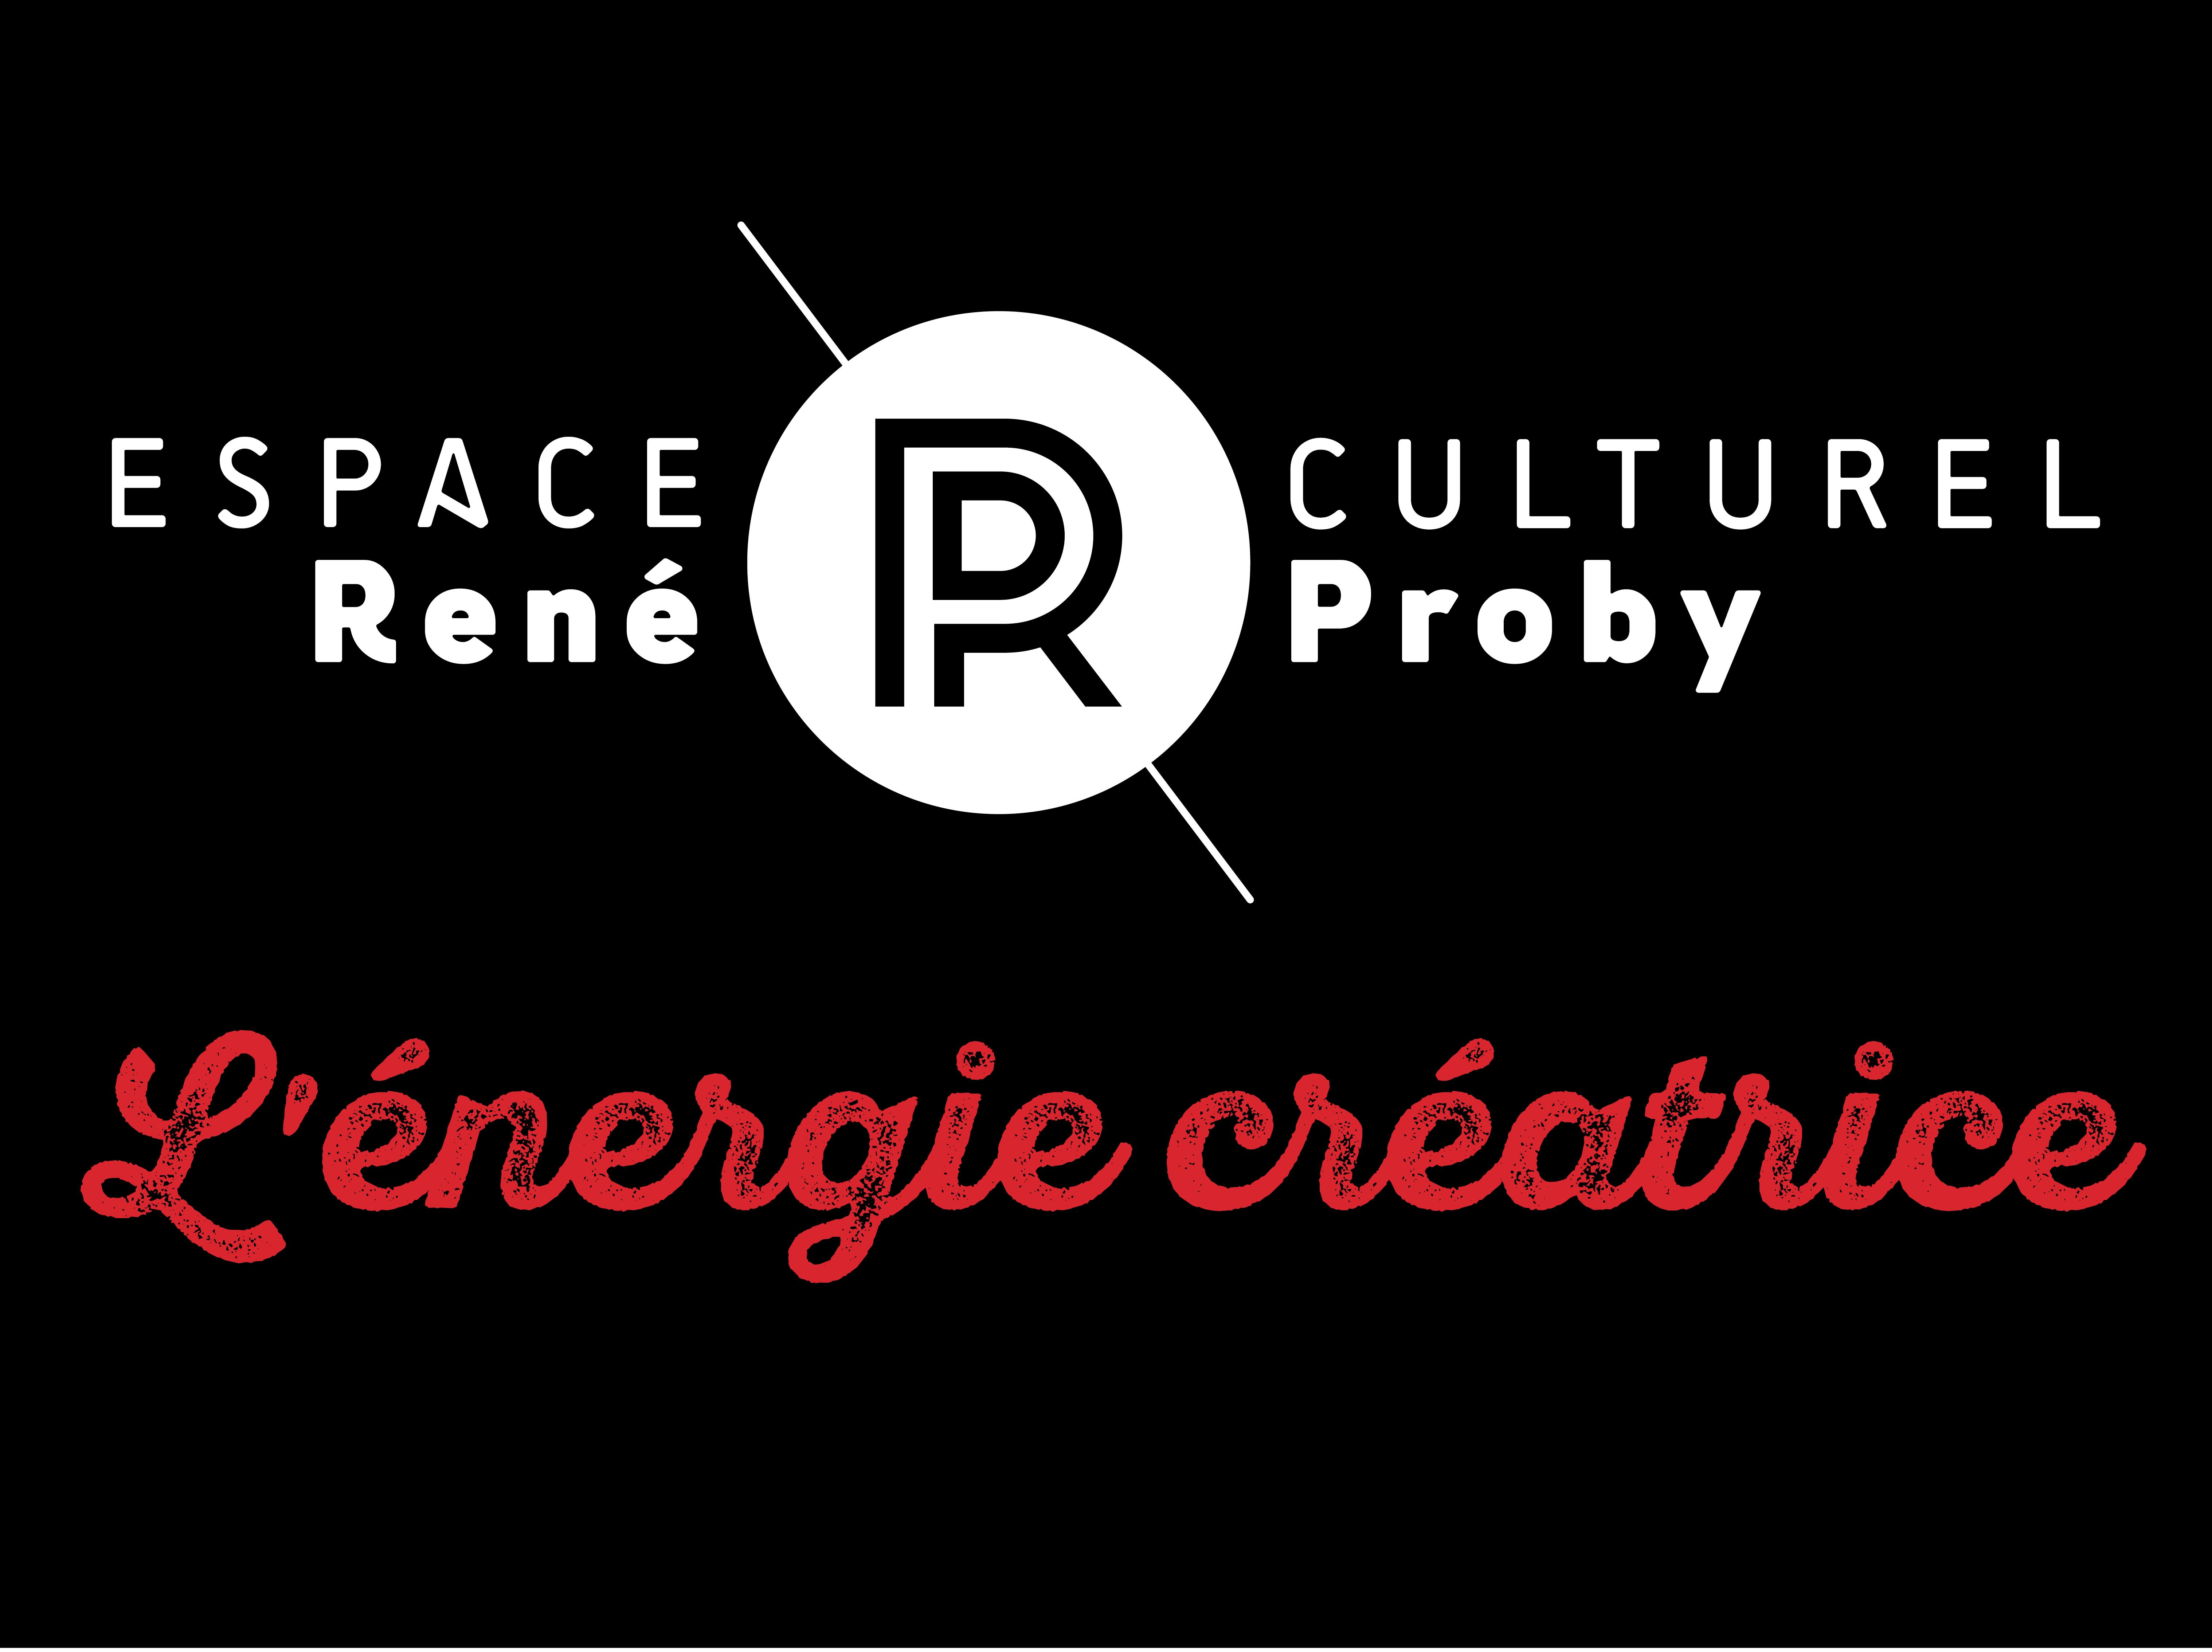 Espace Culturel René Proby